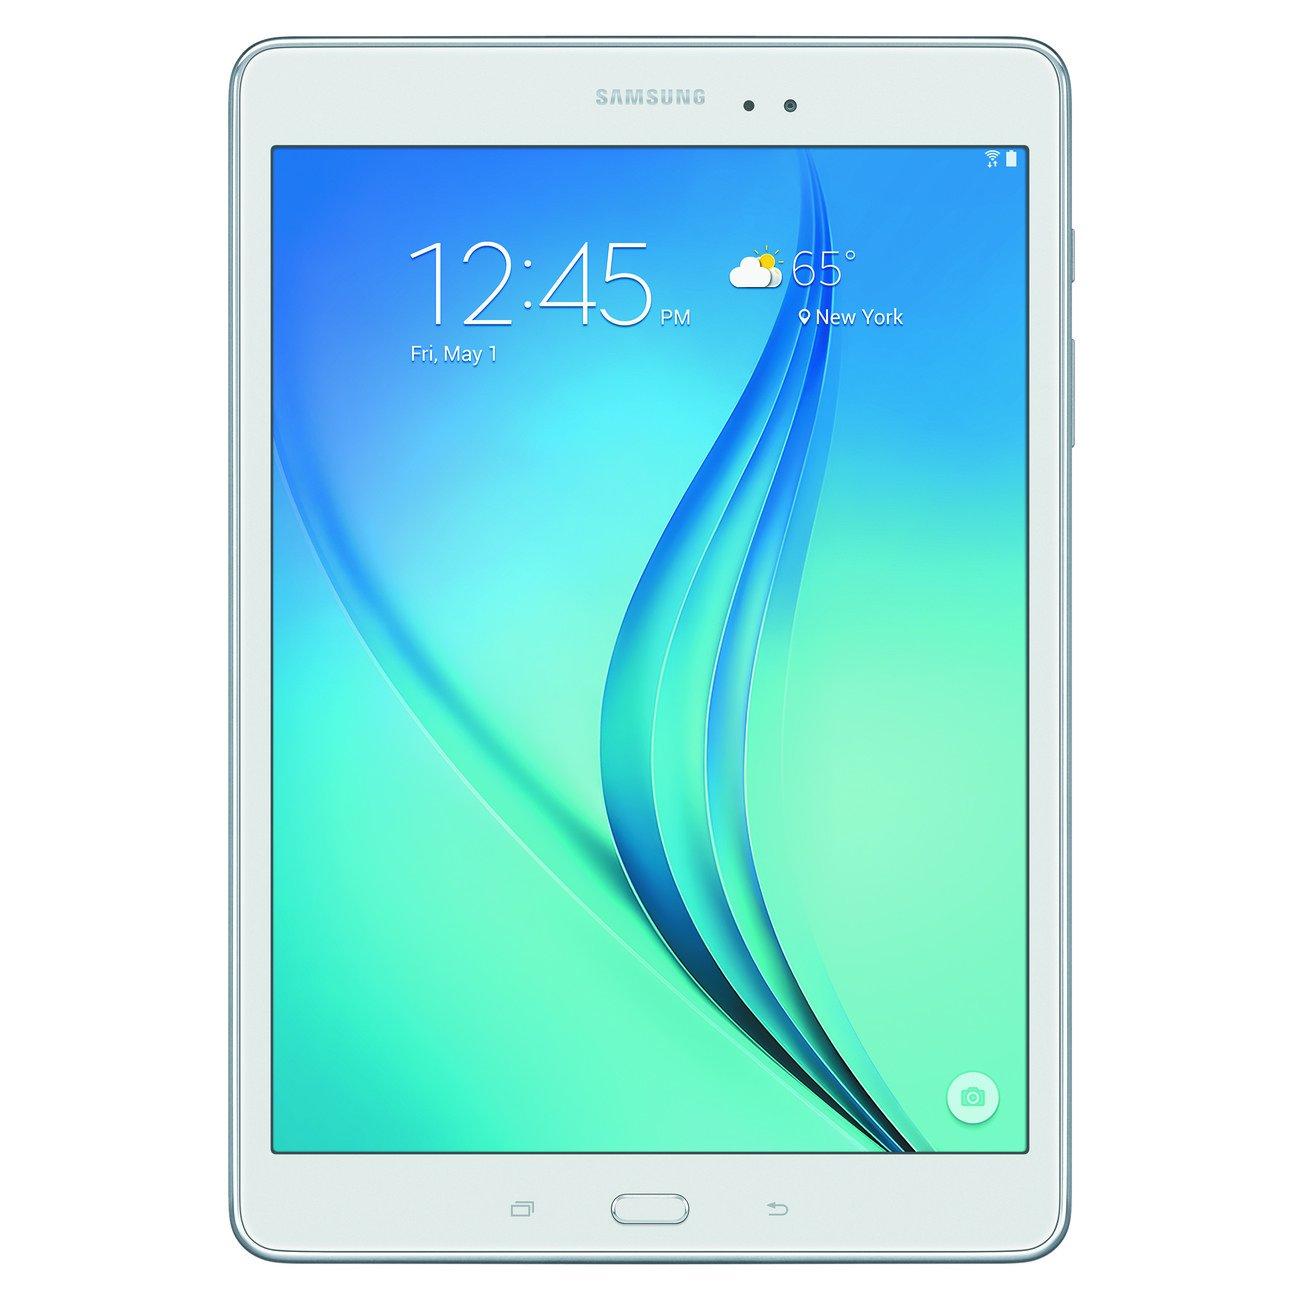 Samsung Galaxy Tab A 9.7-Inch Tablet (16 GB, White)